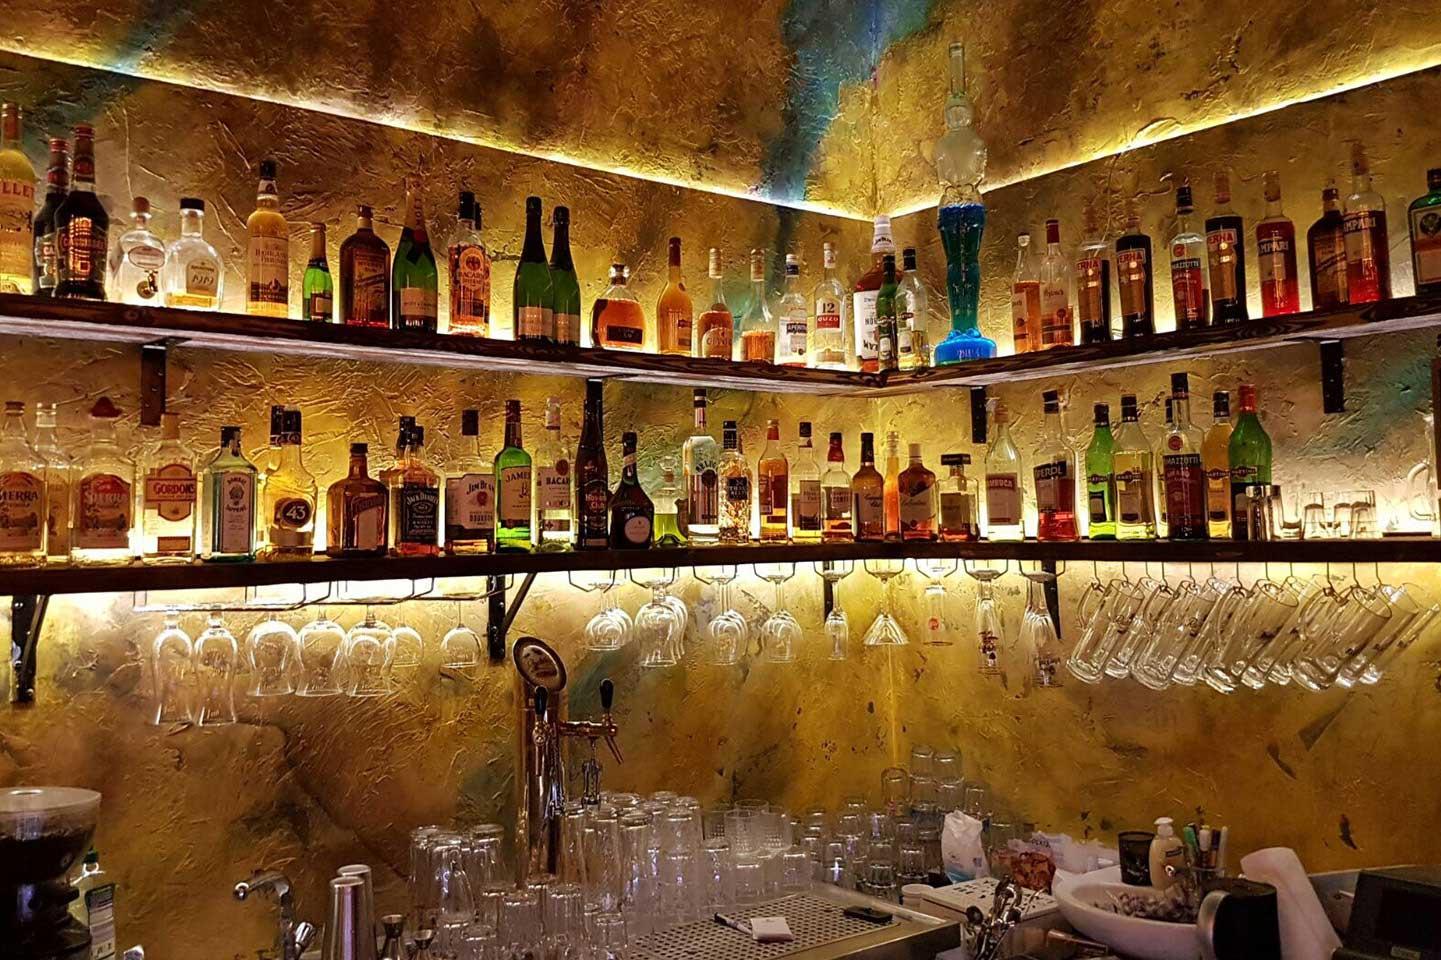 coctail-bar-berlin-mowo